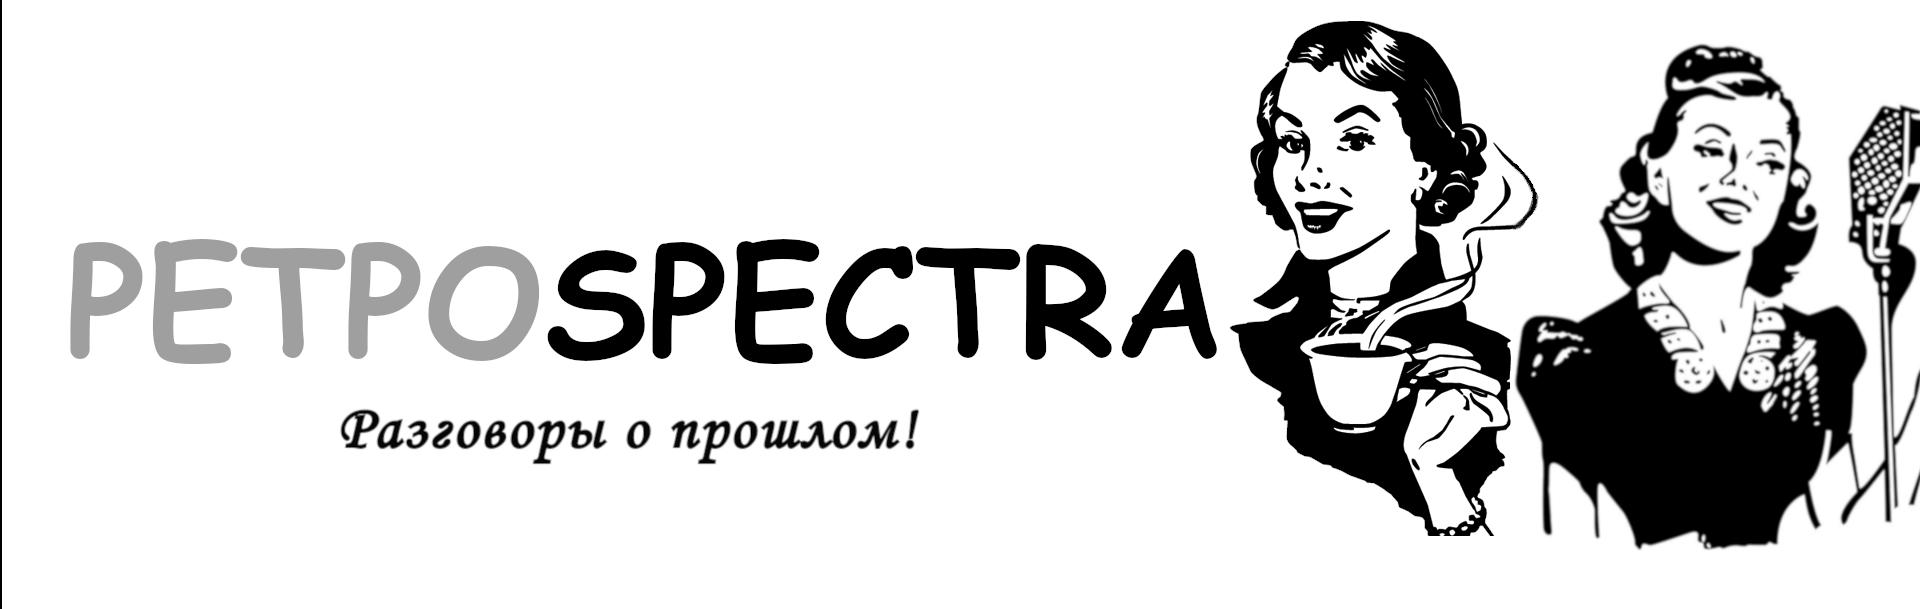 РЕТРОspectra